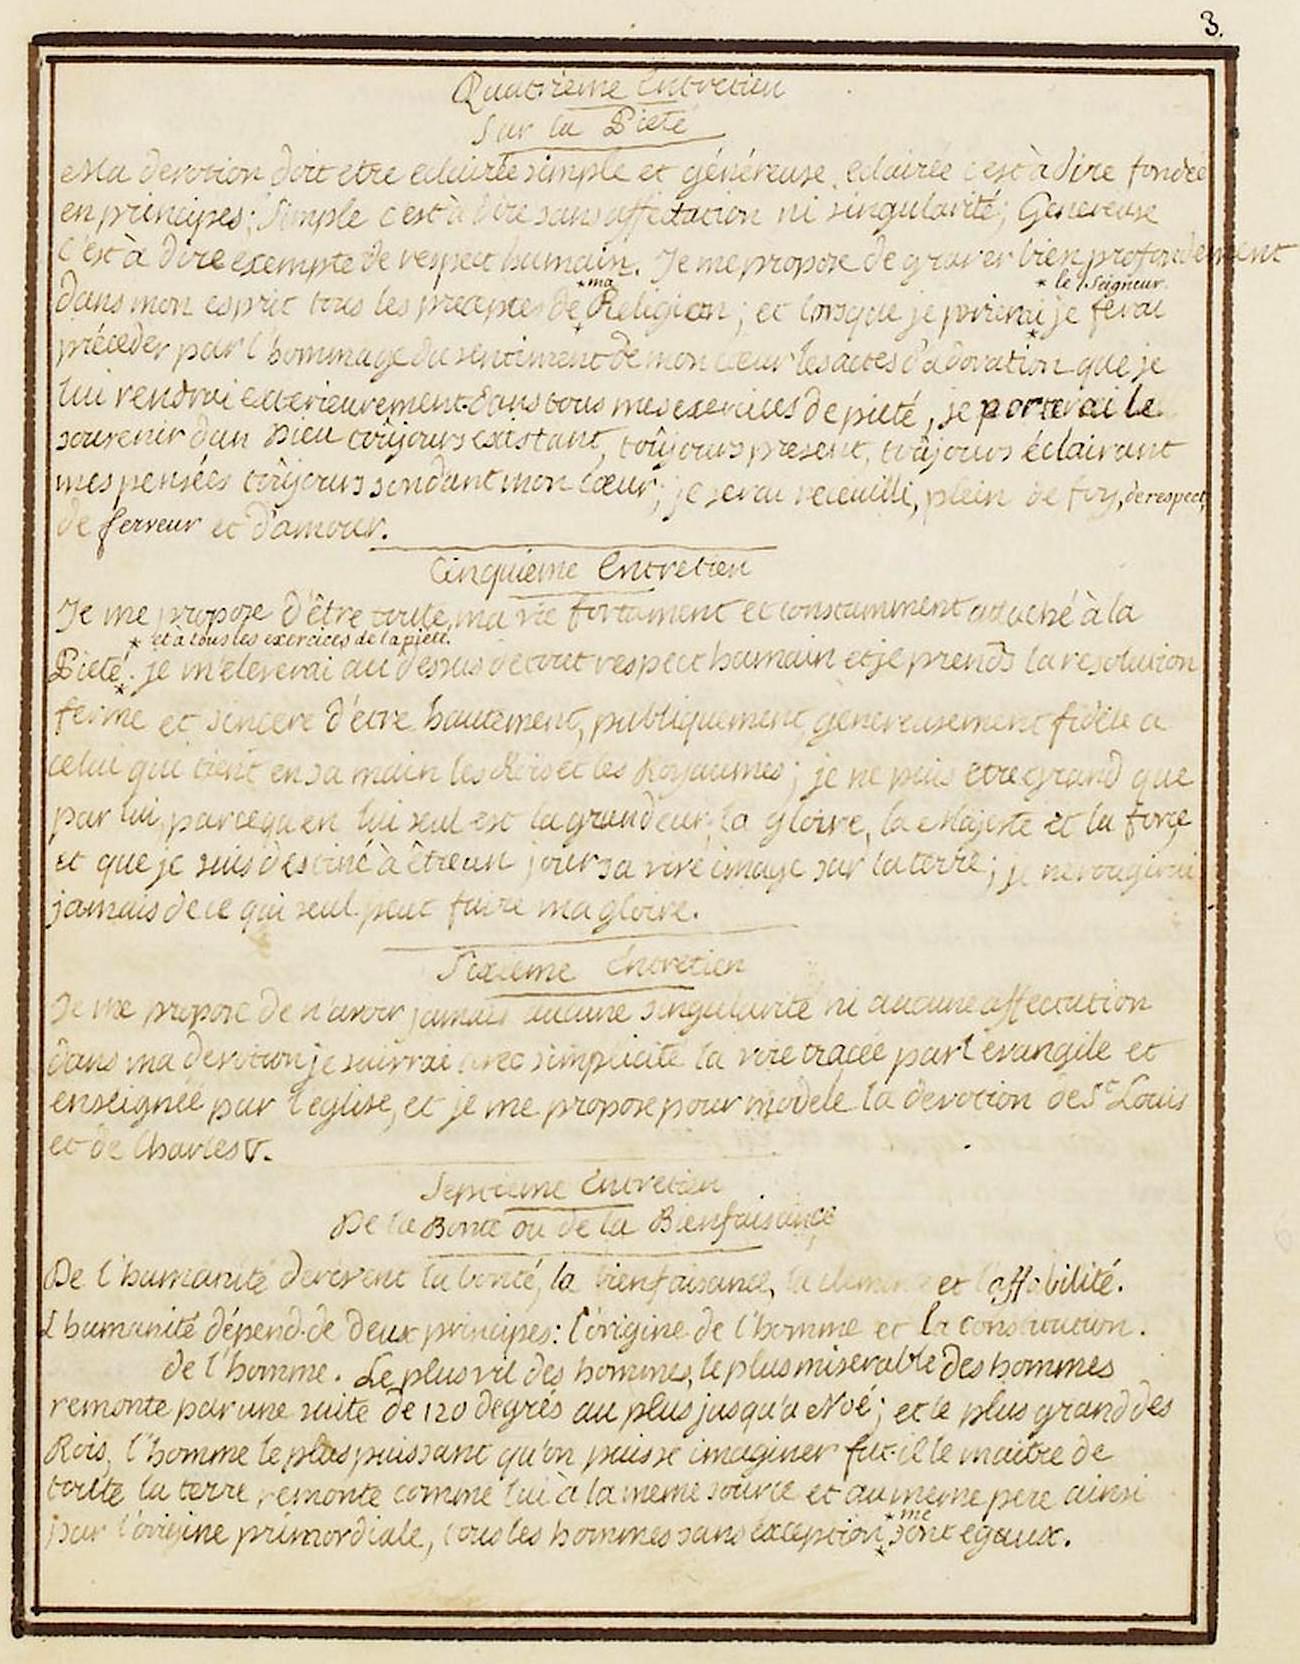 Le Journal du roi Louis XVI et ses Reflexions sur ses entretiens avec Mr le Duc de la Vauguyon 327